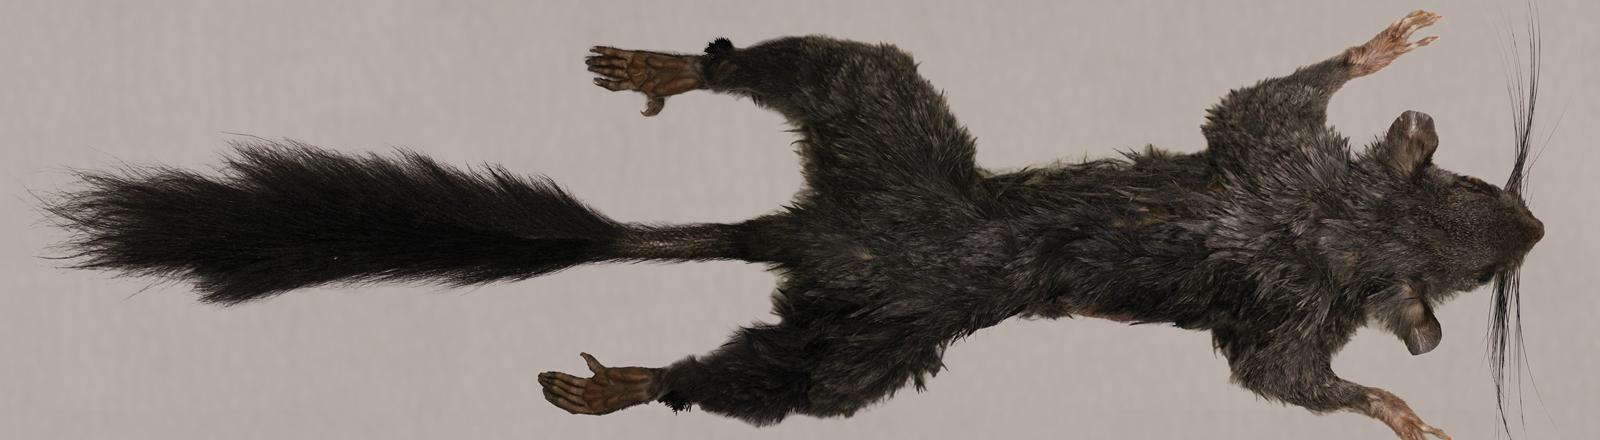 Ansichten eines Dornschwanzhörnchens.